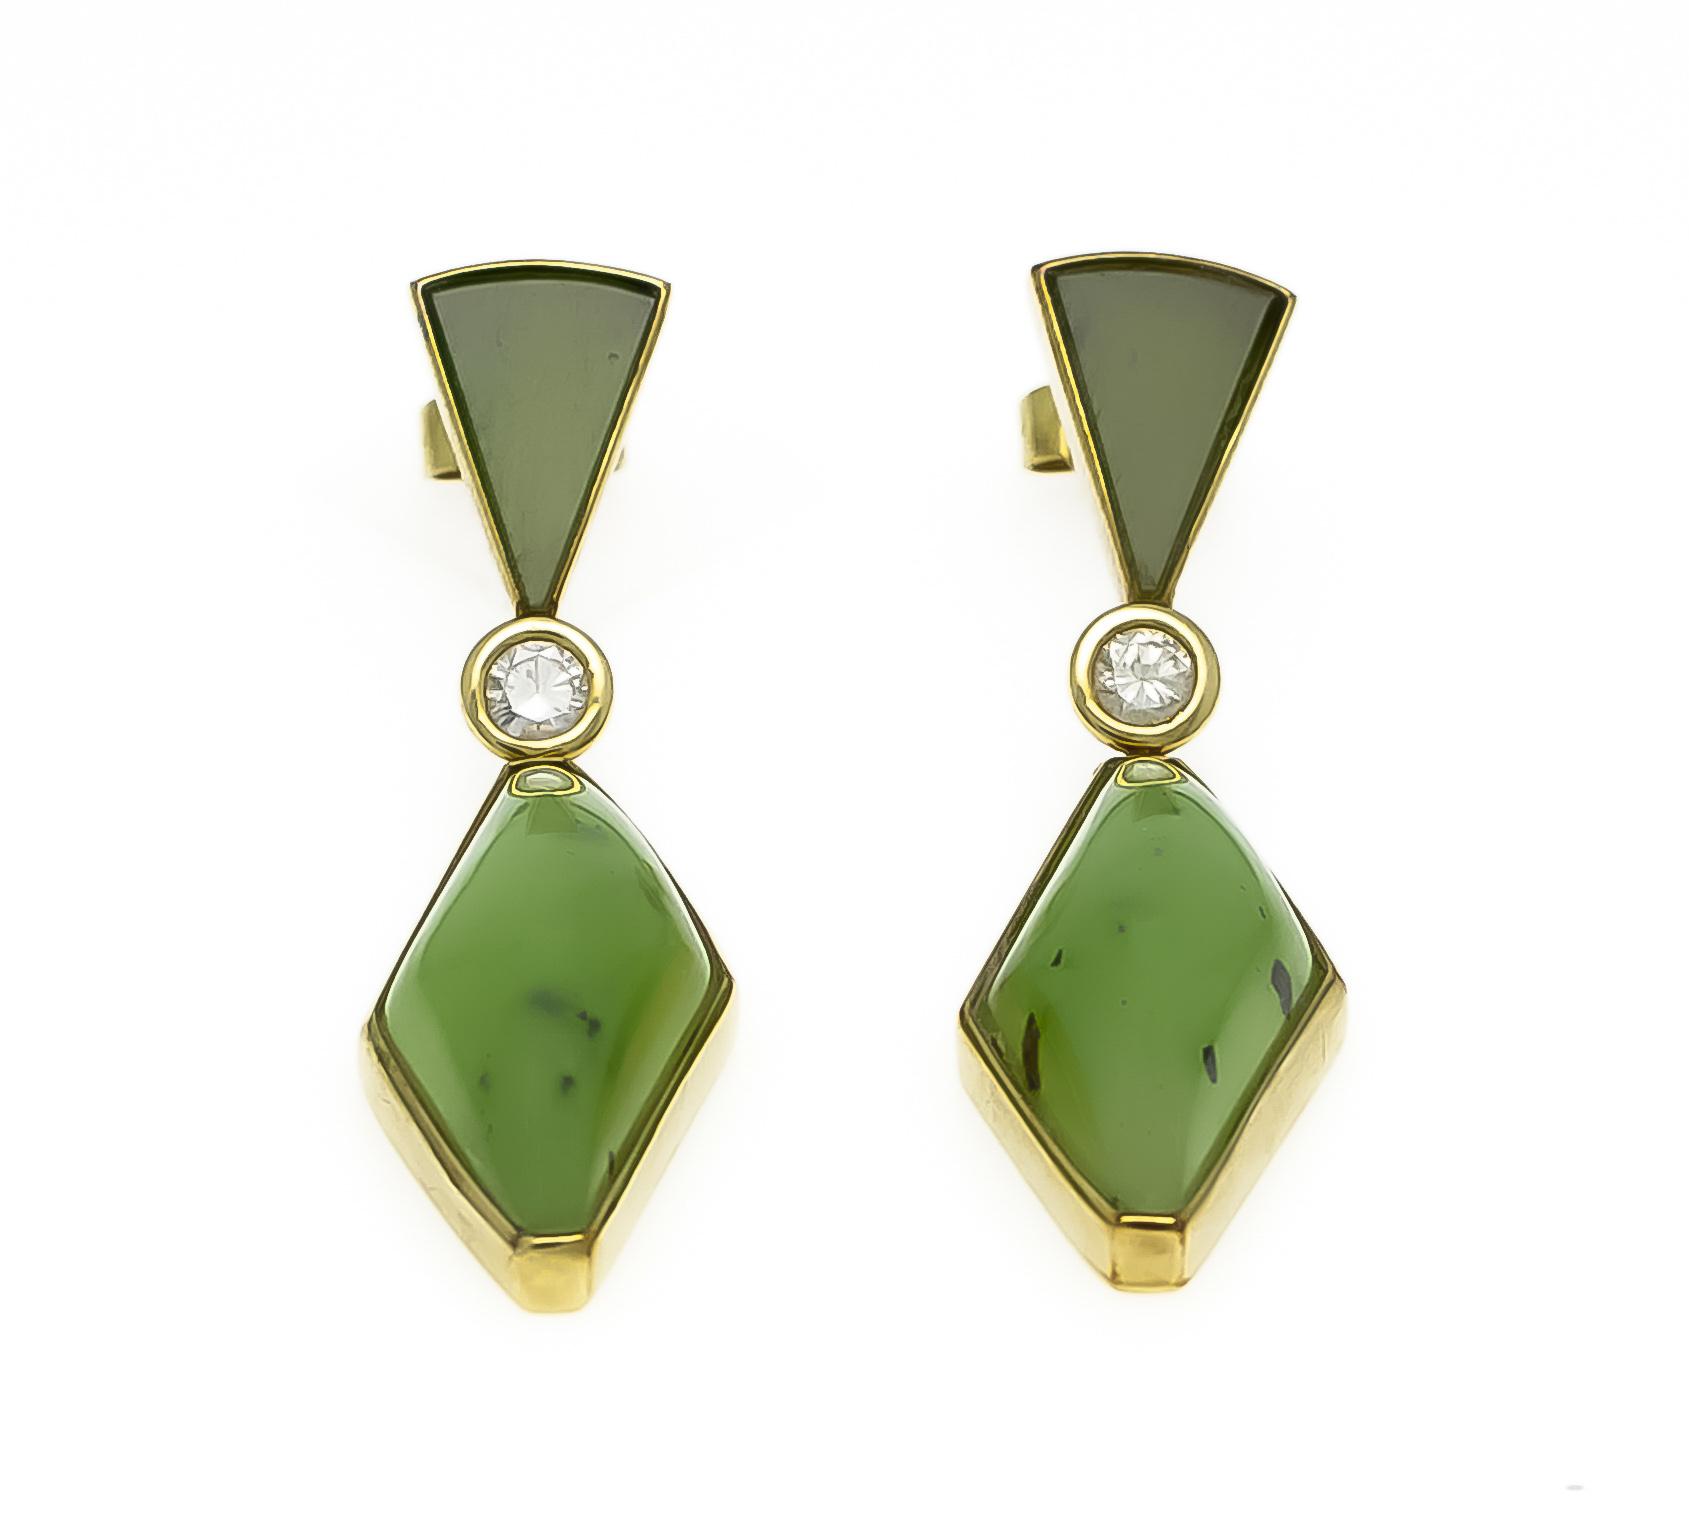 Lot 5 - Jade-Brillant-Ohrstecker GG 585/000 mit 4 Jade-Elementen 24 - 11,5 mm und 2 Brillanten,zus. 0,24